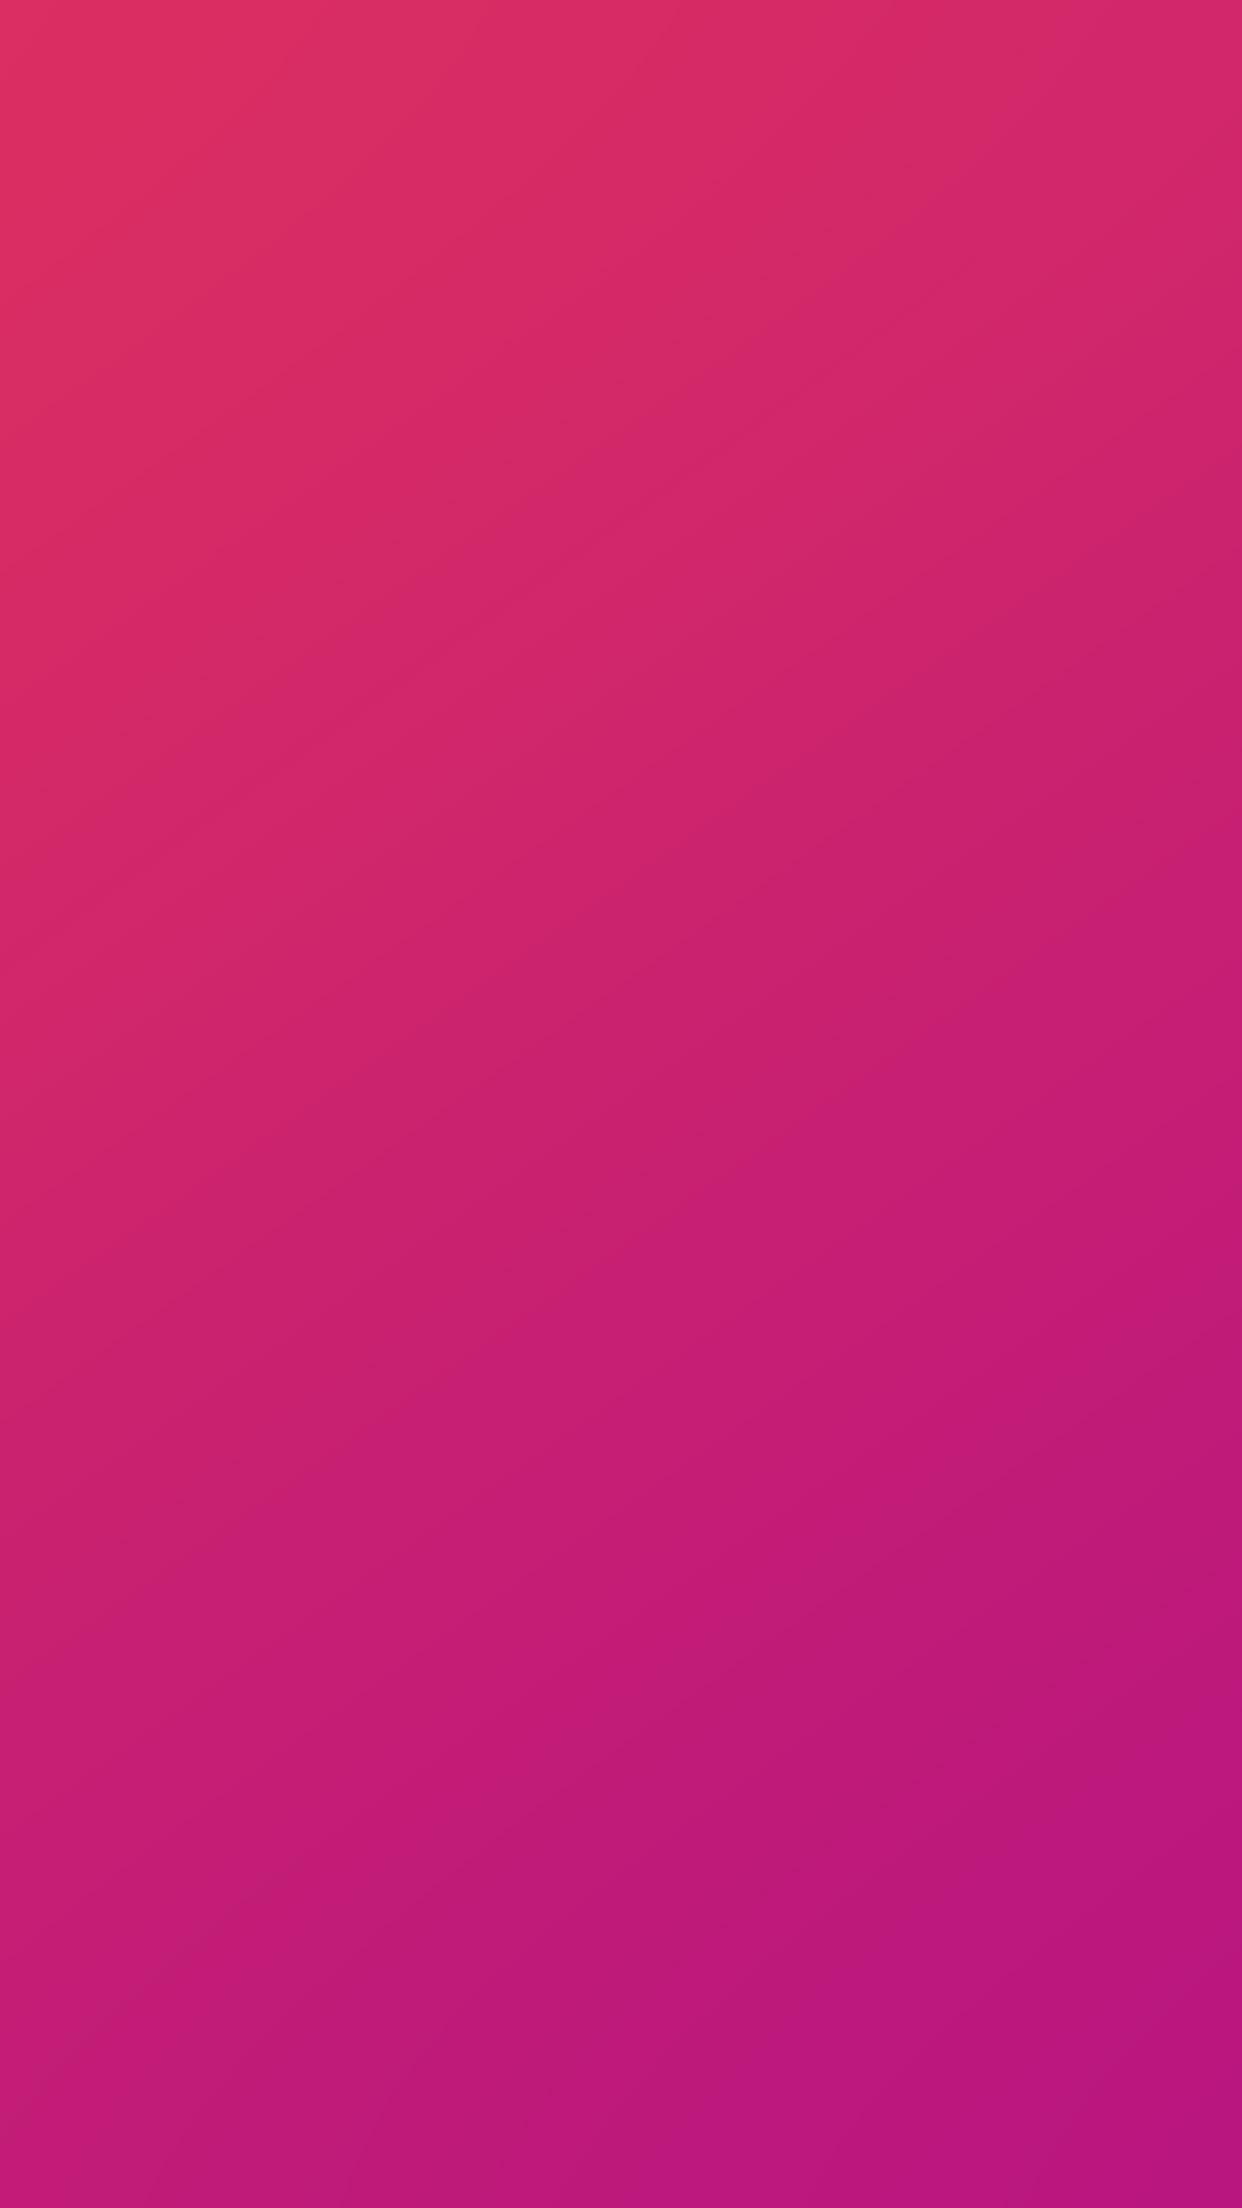 壁紙 ピンク